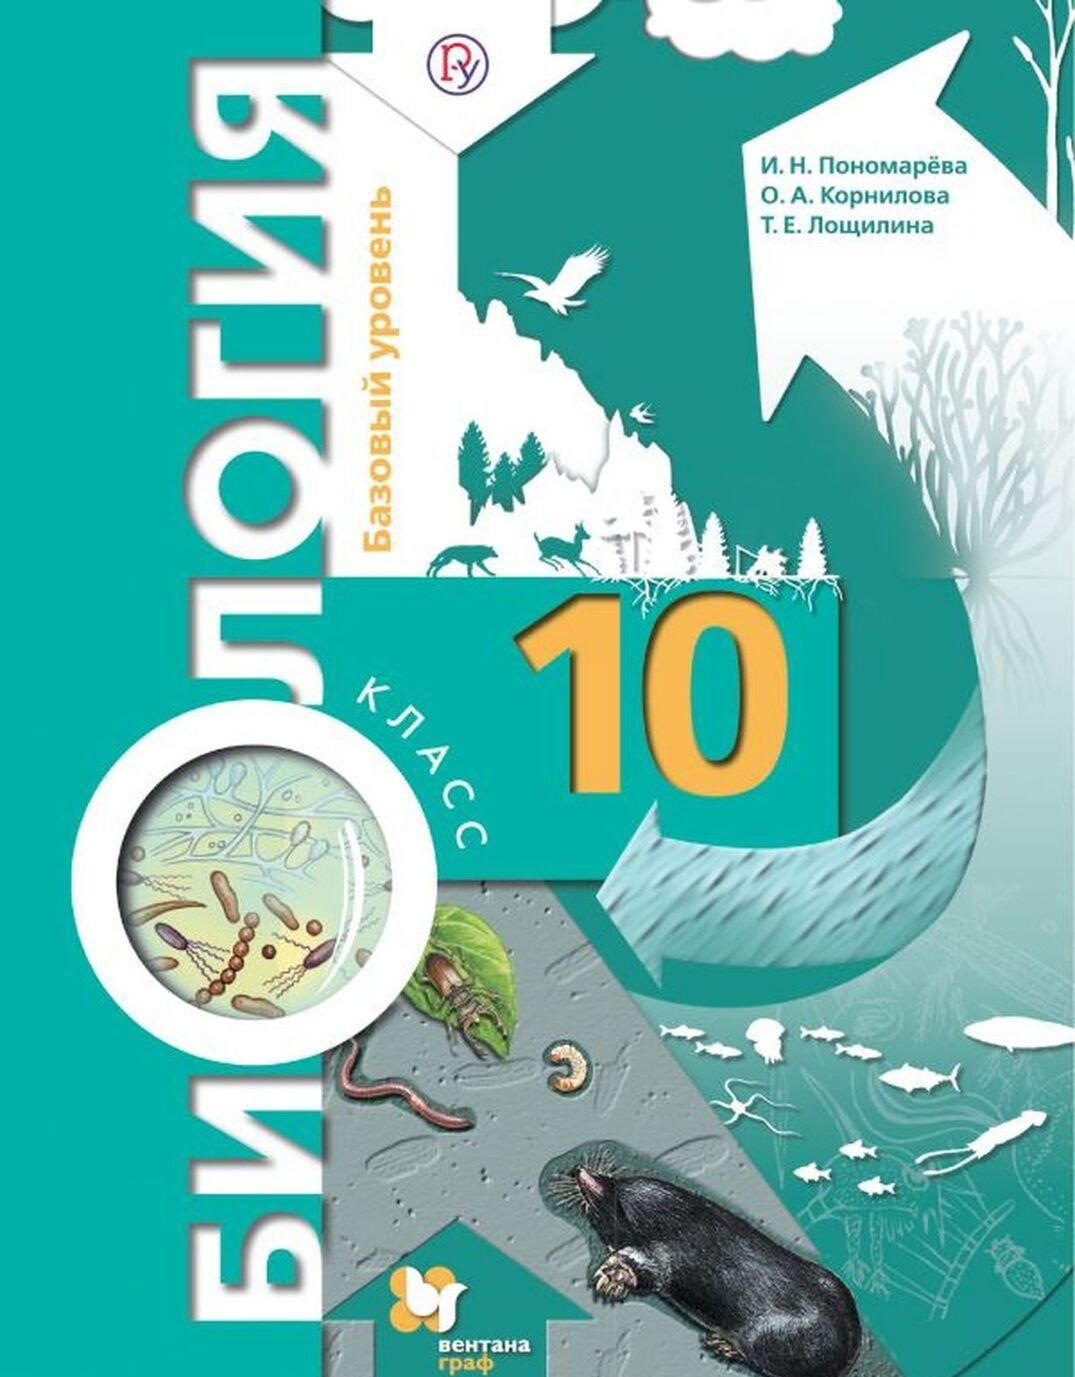 Biologija. 10klass. Uchebnik | Ponomareva Irina Nikolaevna, Loschilina Tatjana Evgenevna